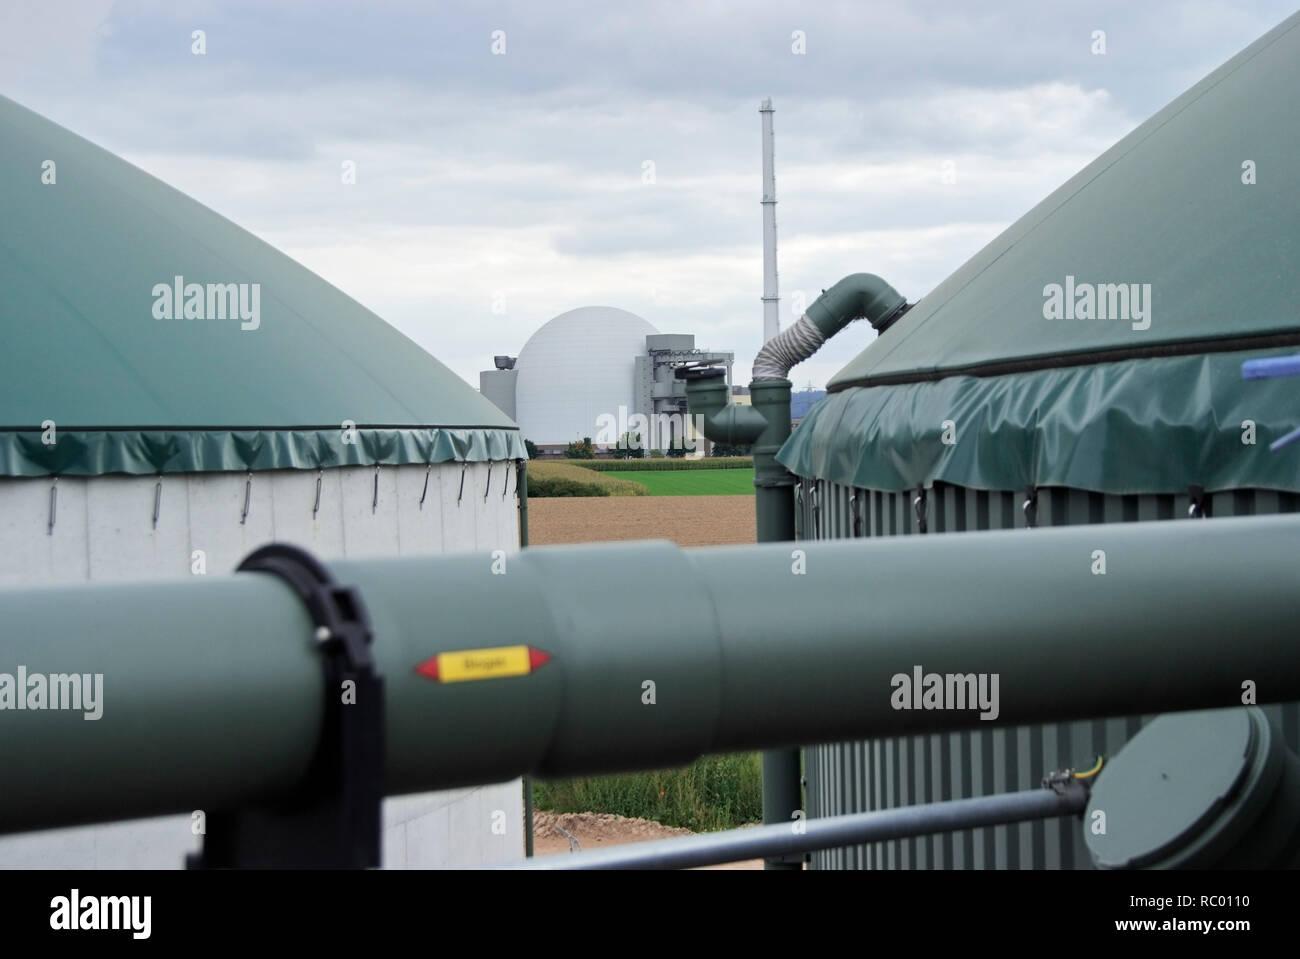 Biogasanlage vor Kernkraftwerk Grohnde, Gemeinde Emmerthal, Landkreis Hameln-Pyrmont, Naturpark Weserbergland Schaumburg-Hameln, Niedersachsen, Deutsc - Stock Image